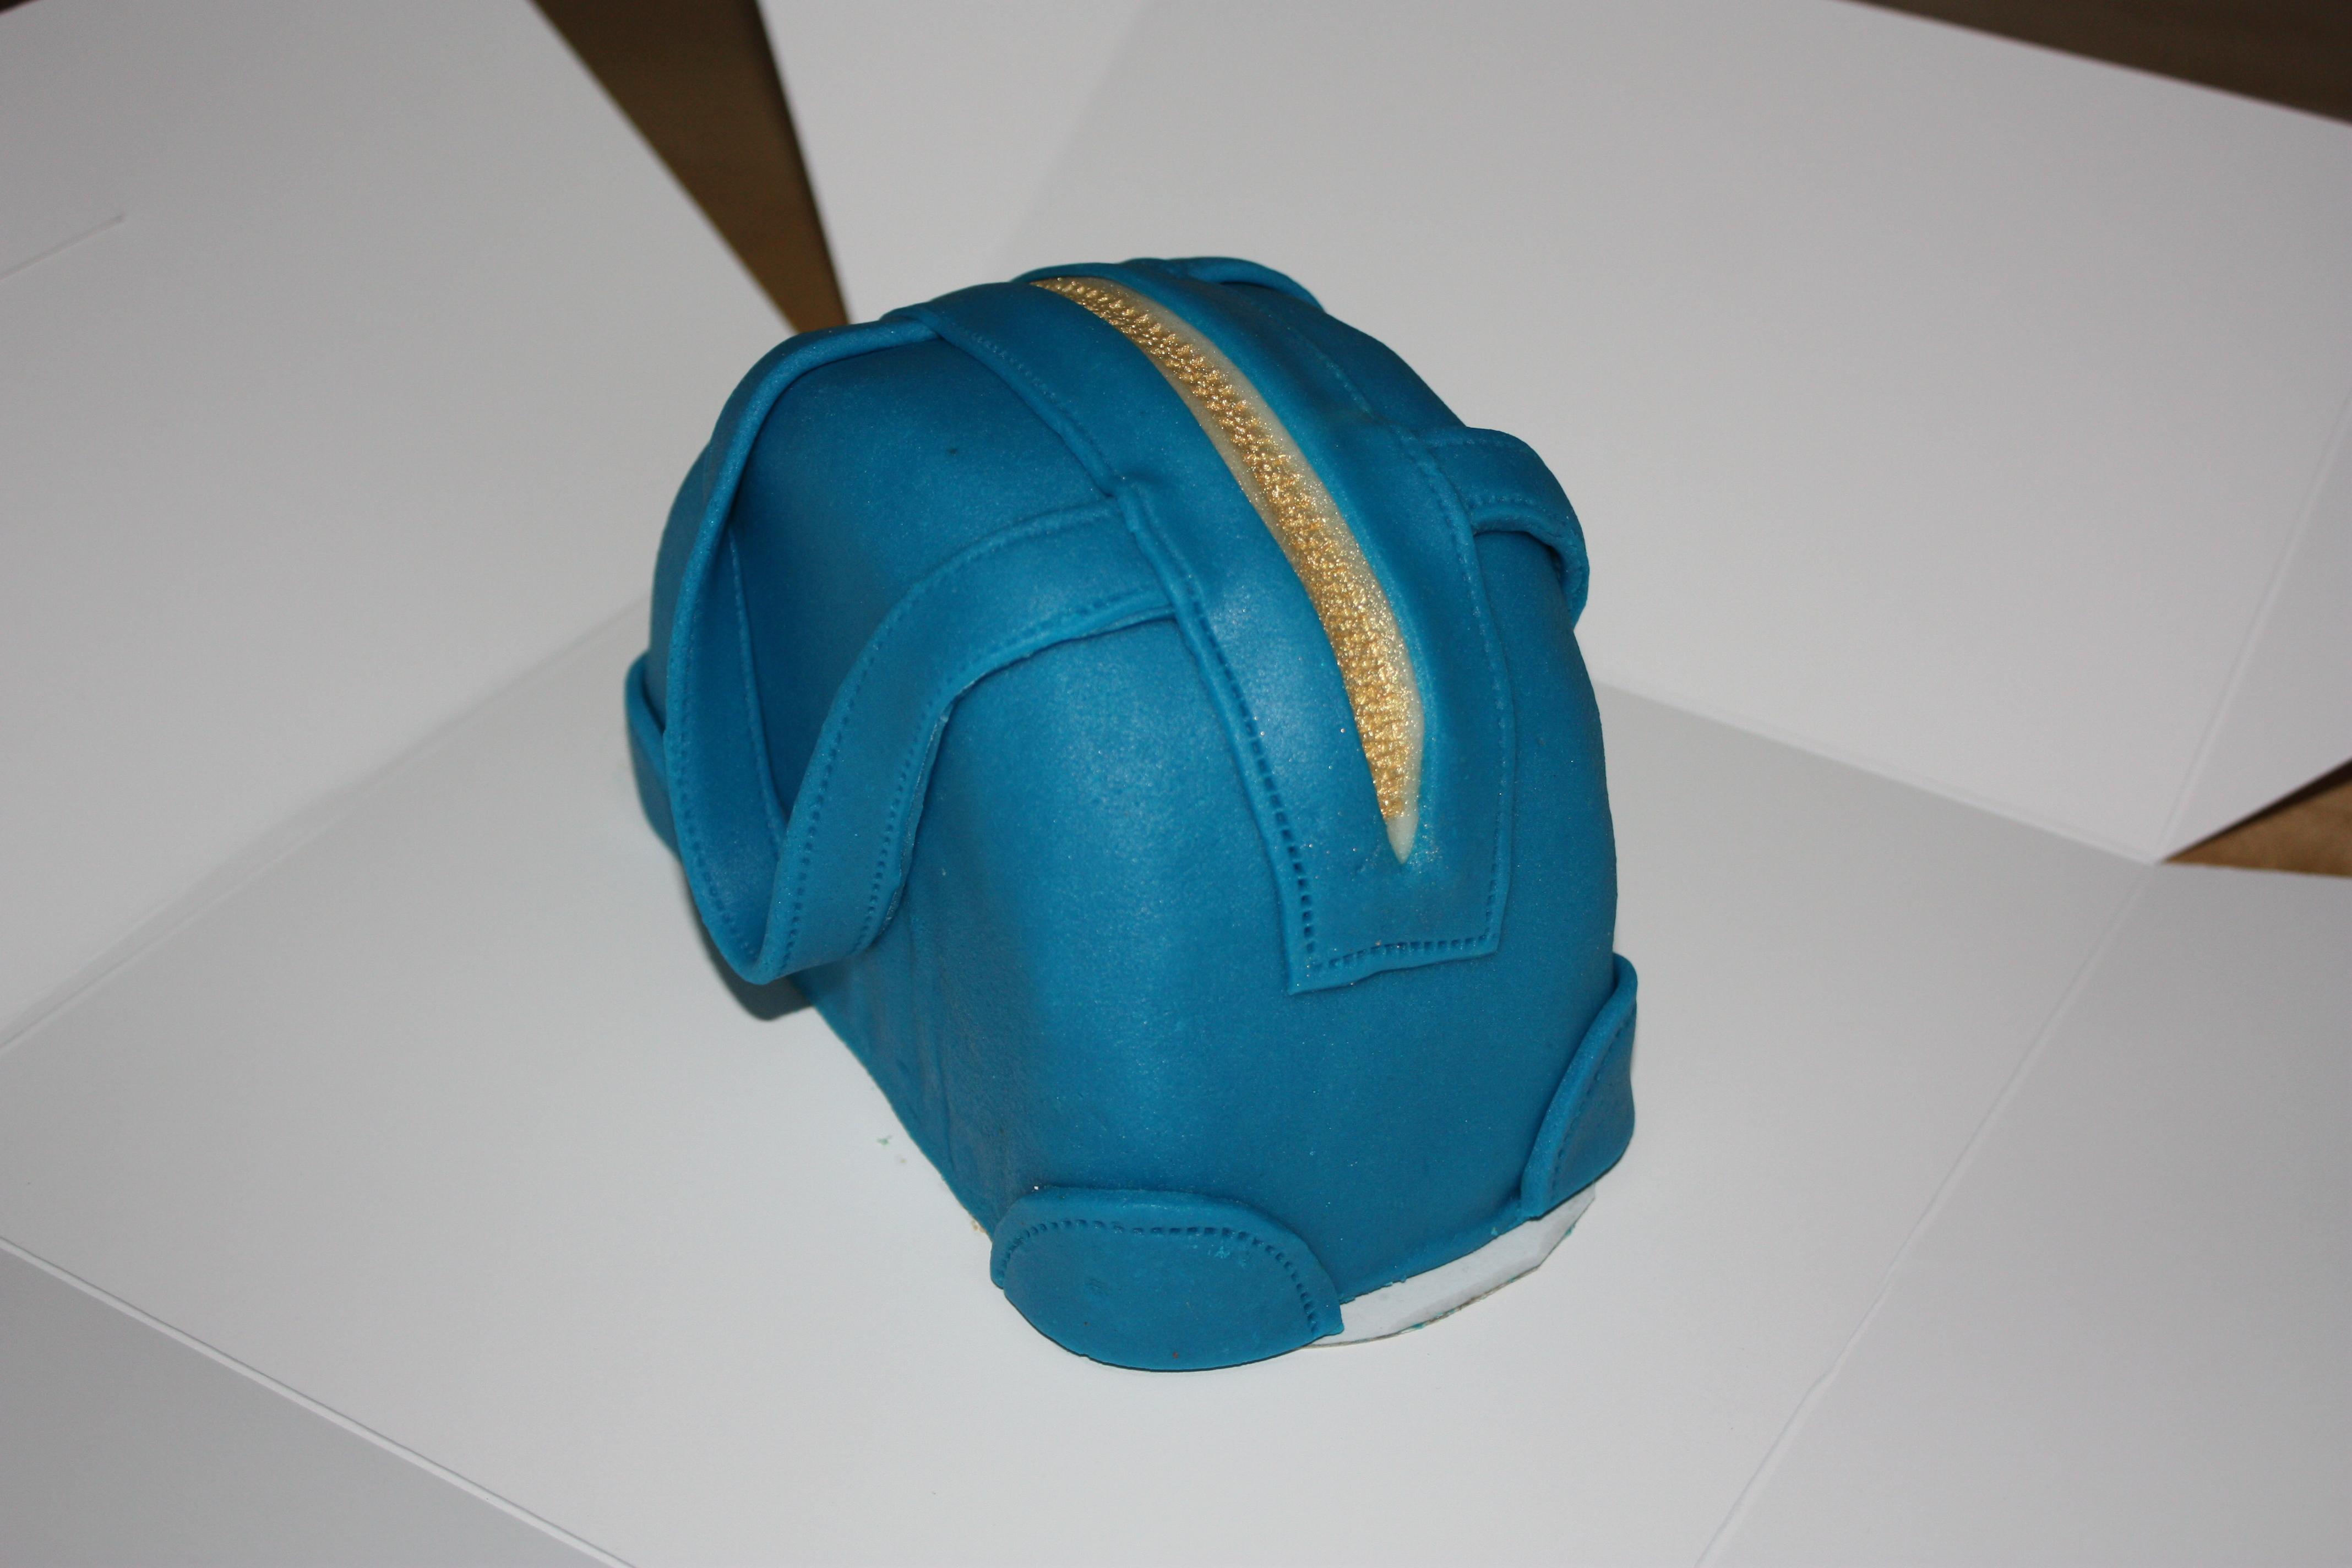 Zitronenhandtasche